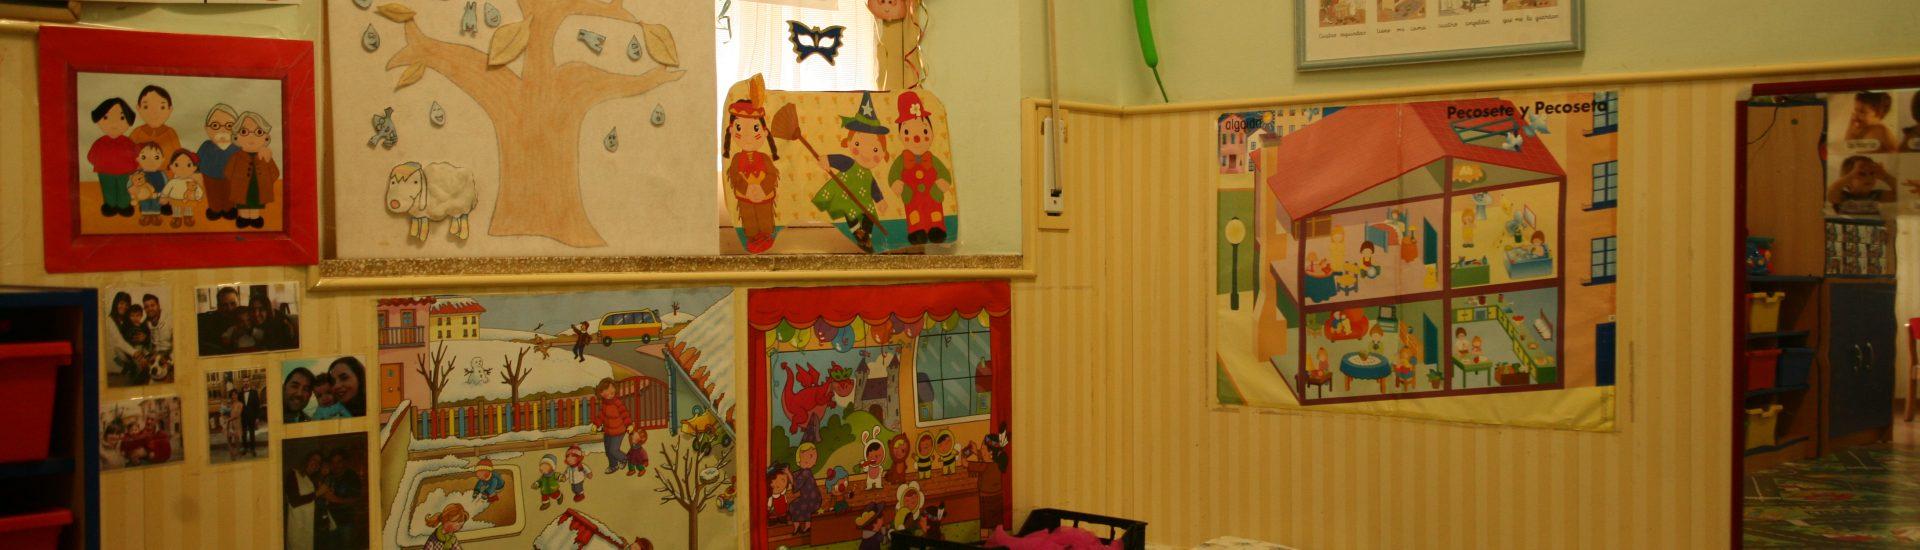 kindergarten in Spain